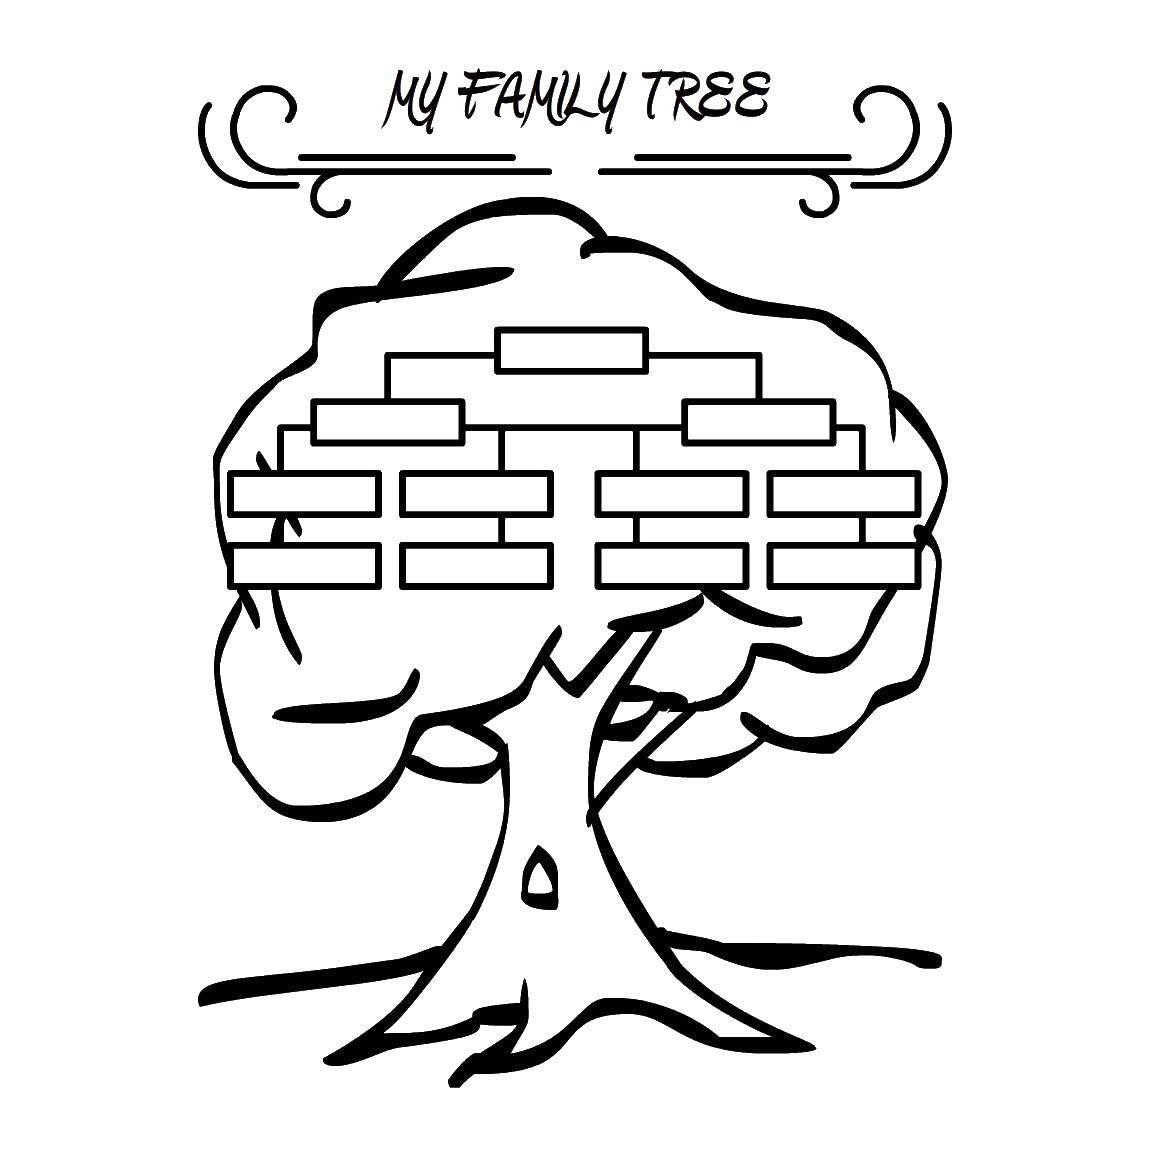 Раскраски дерева, Раскраска Ветки и дерево Контур дерева.